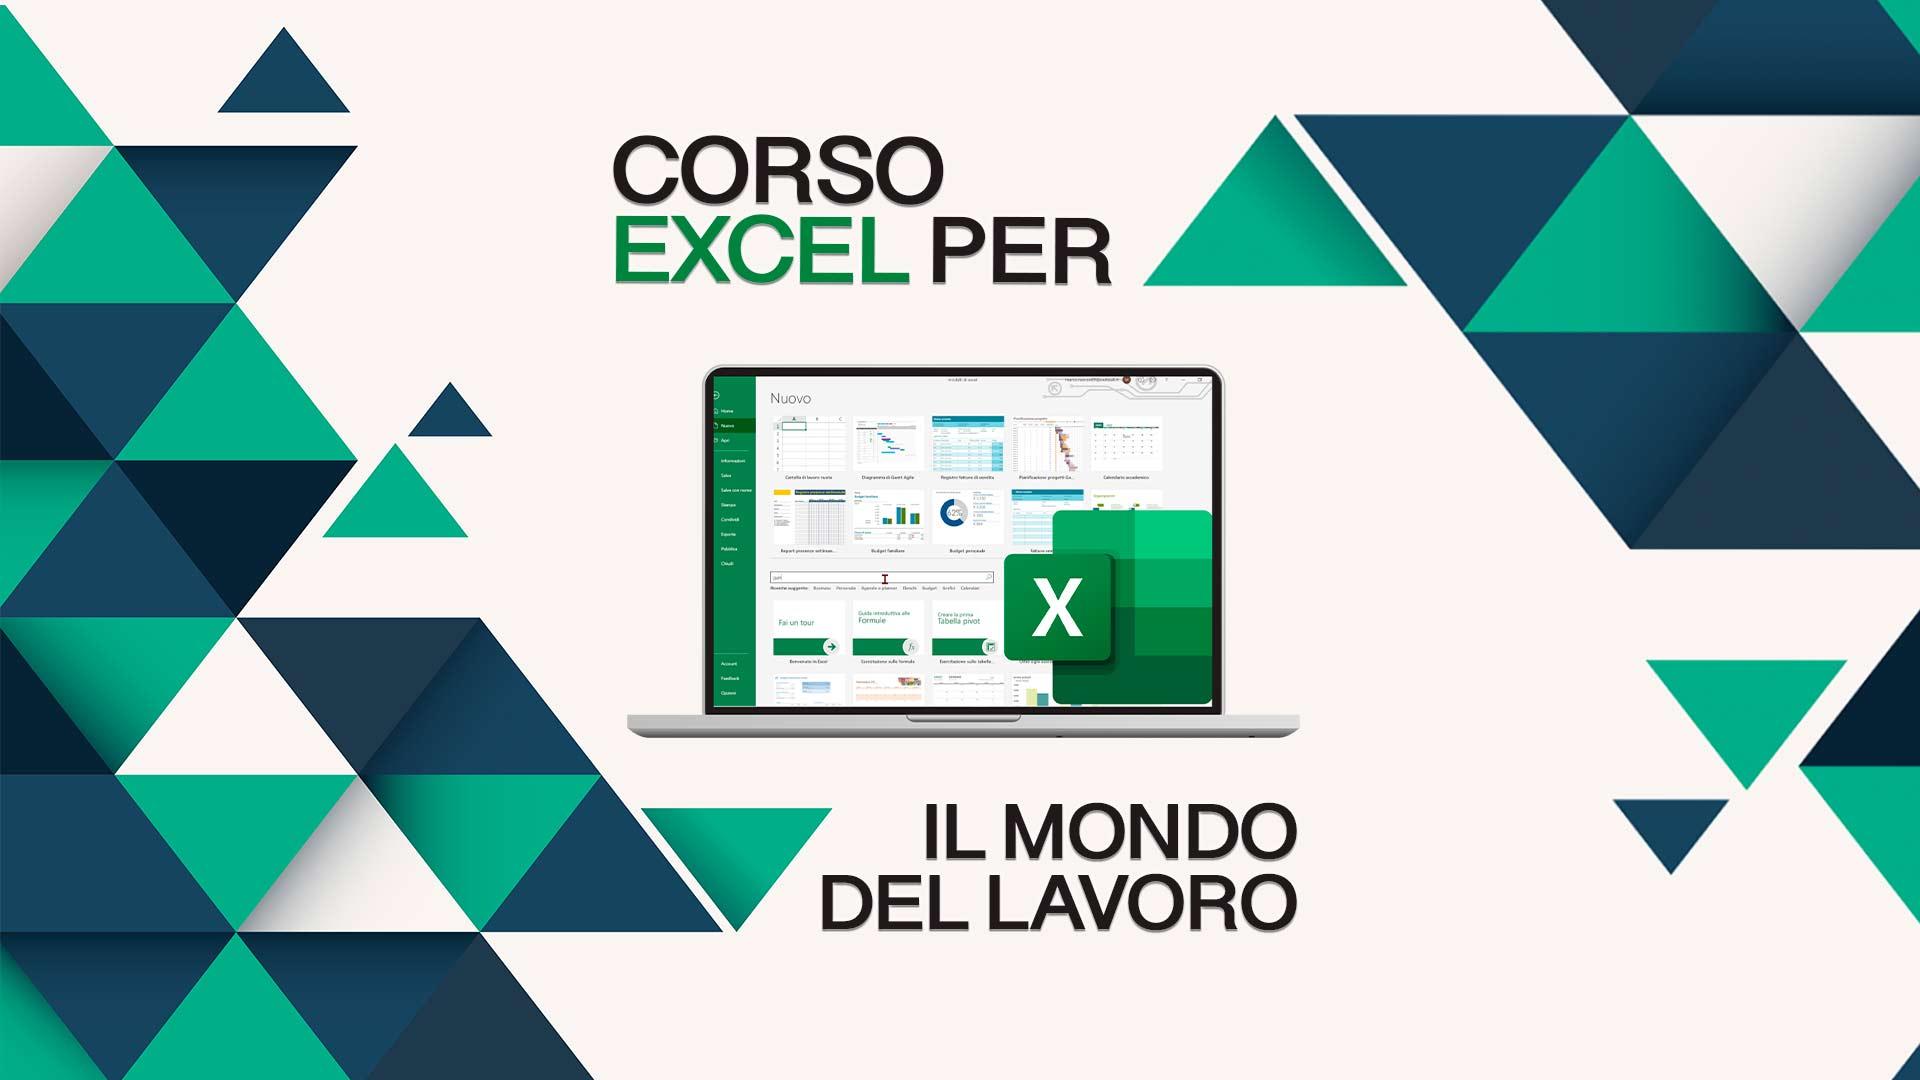 un corso Excel completo che ti insegna cosa realmente serve nel mondo del lavoro e in azienda